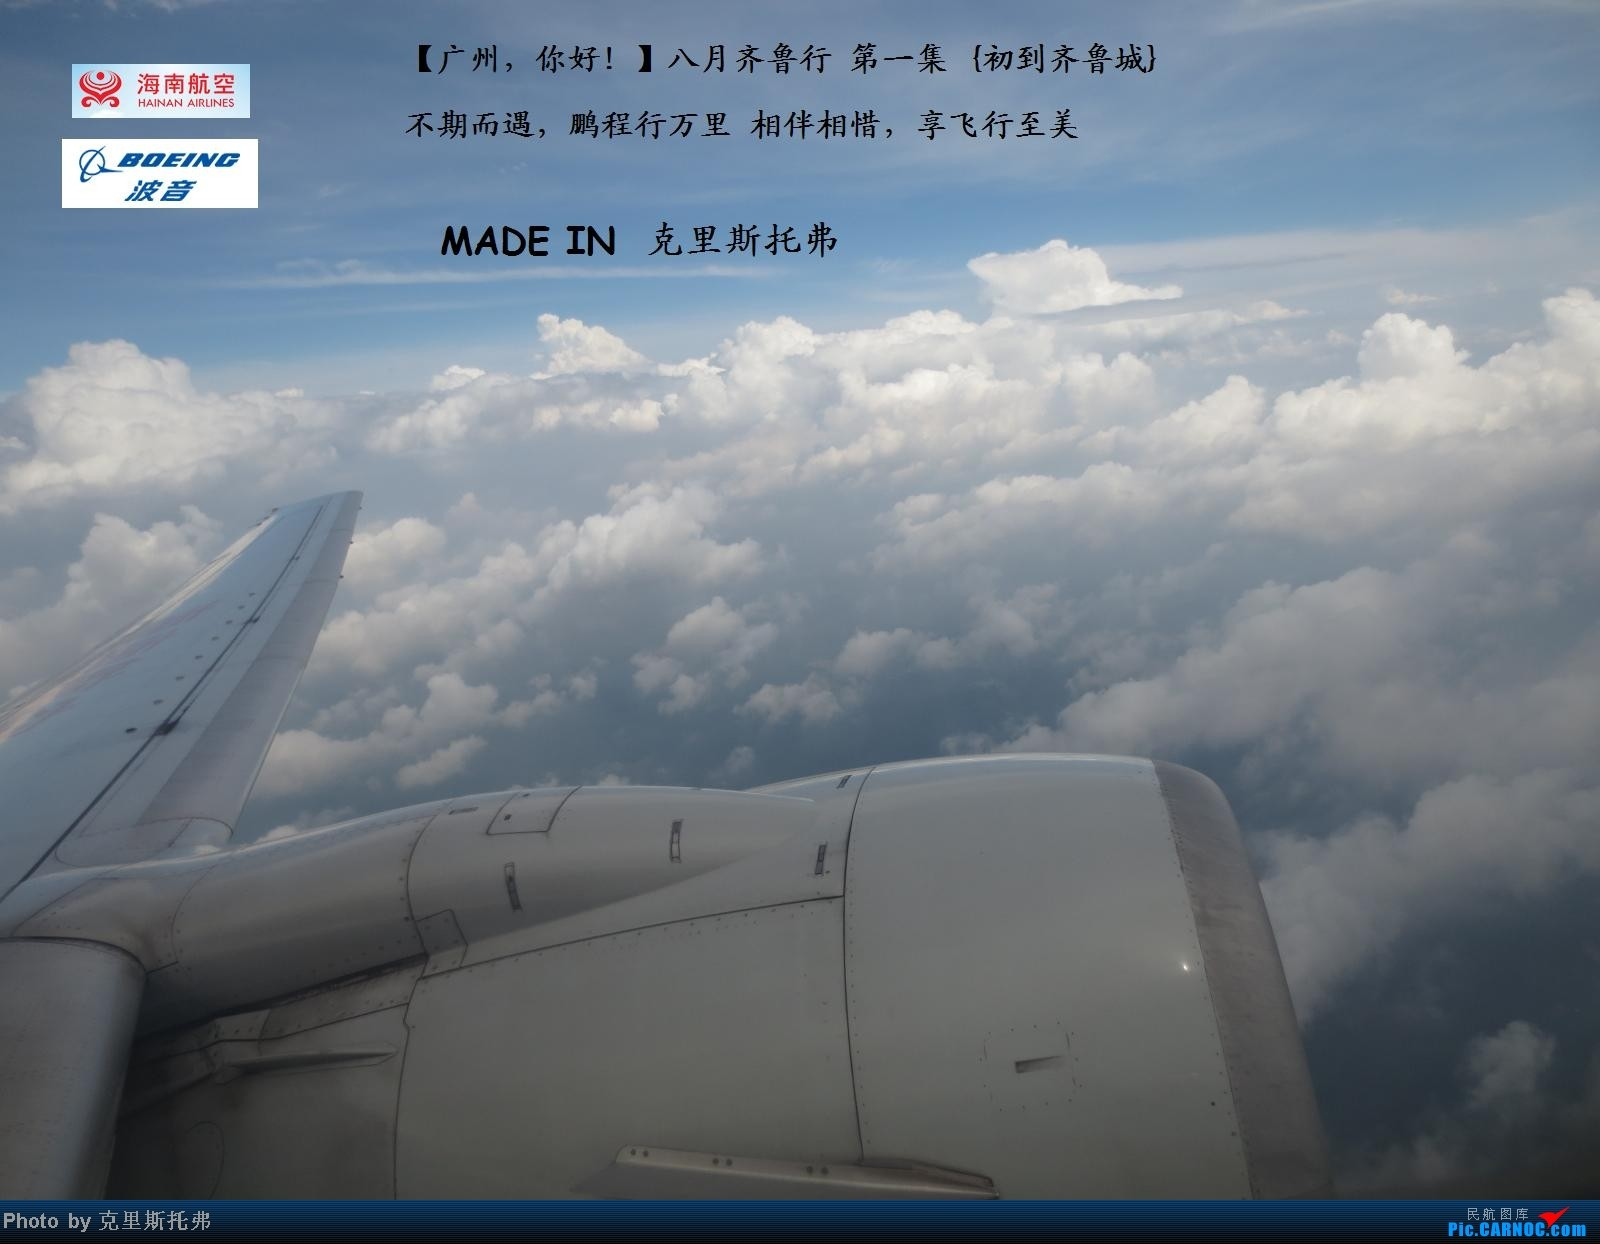 [原创]【广州,你好!】八月齐鲁行 第一集 {初到齐鲁城} 不期而遇,鹏程行万里 相伴相惜,享飞行至美(本集已完毕) BOEING 737-700 B-5061 中国广州白云机场